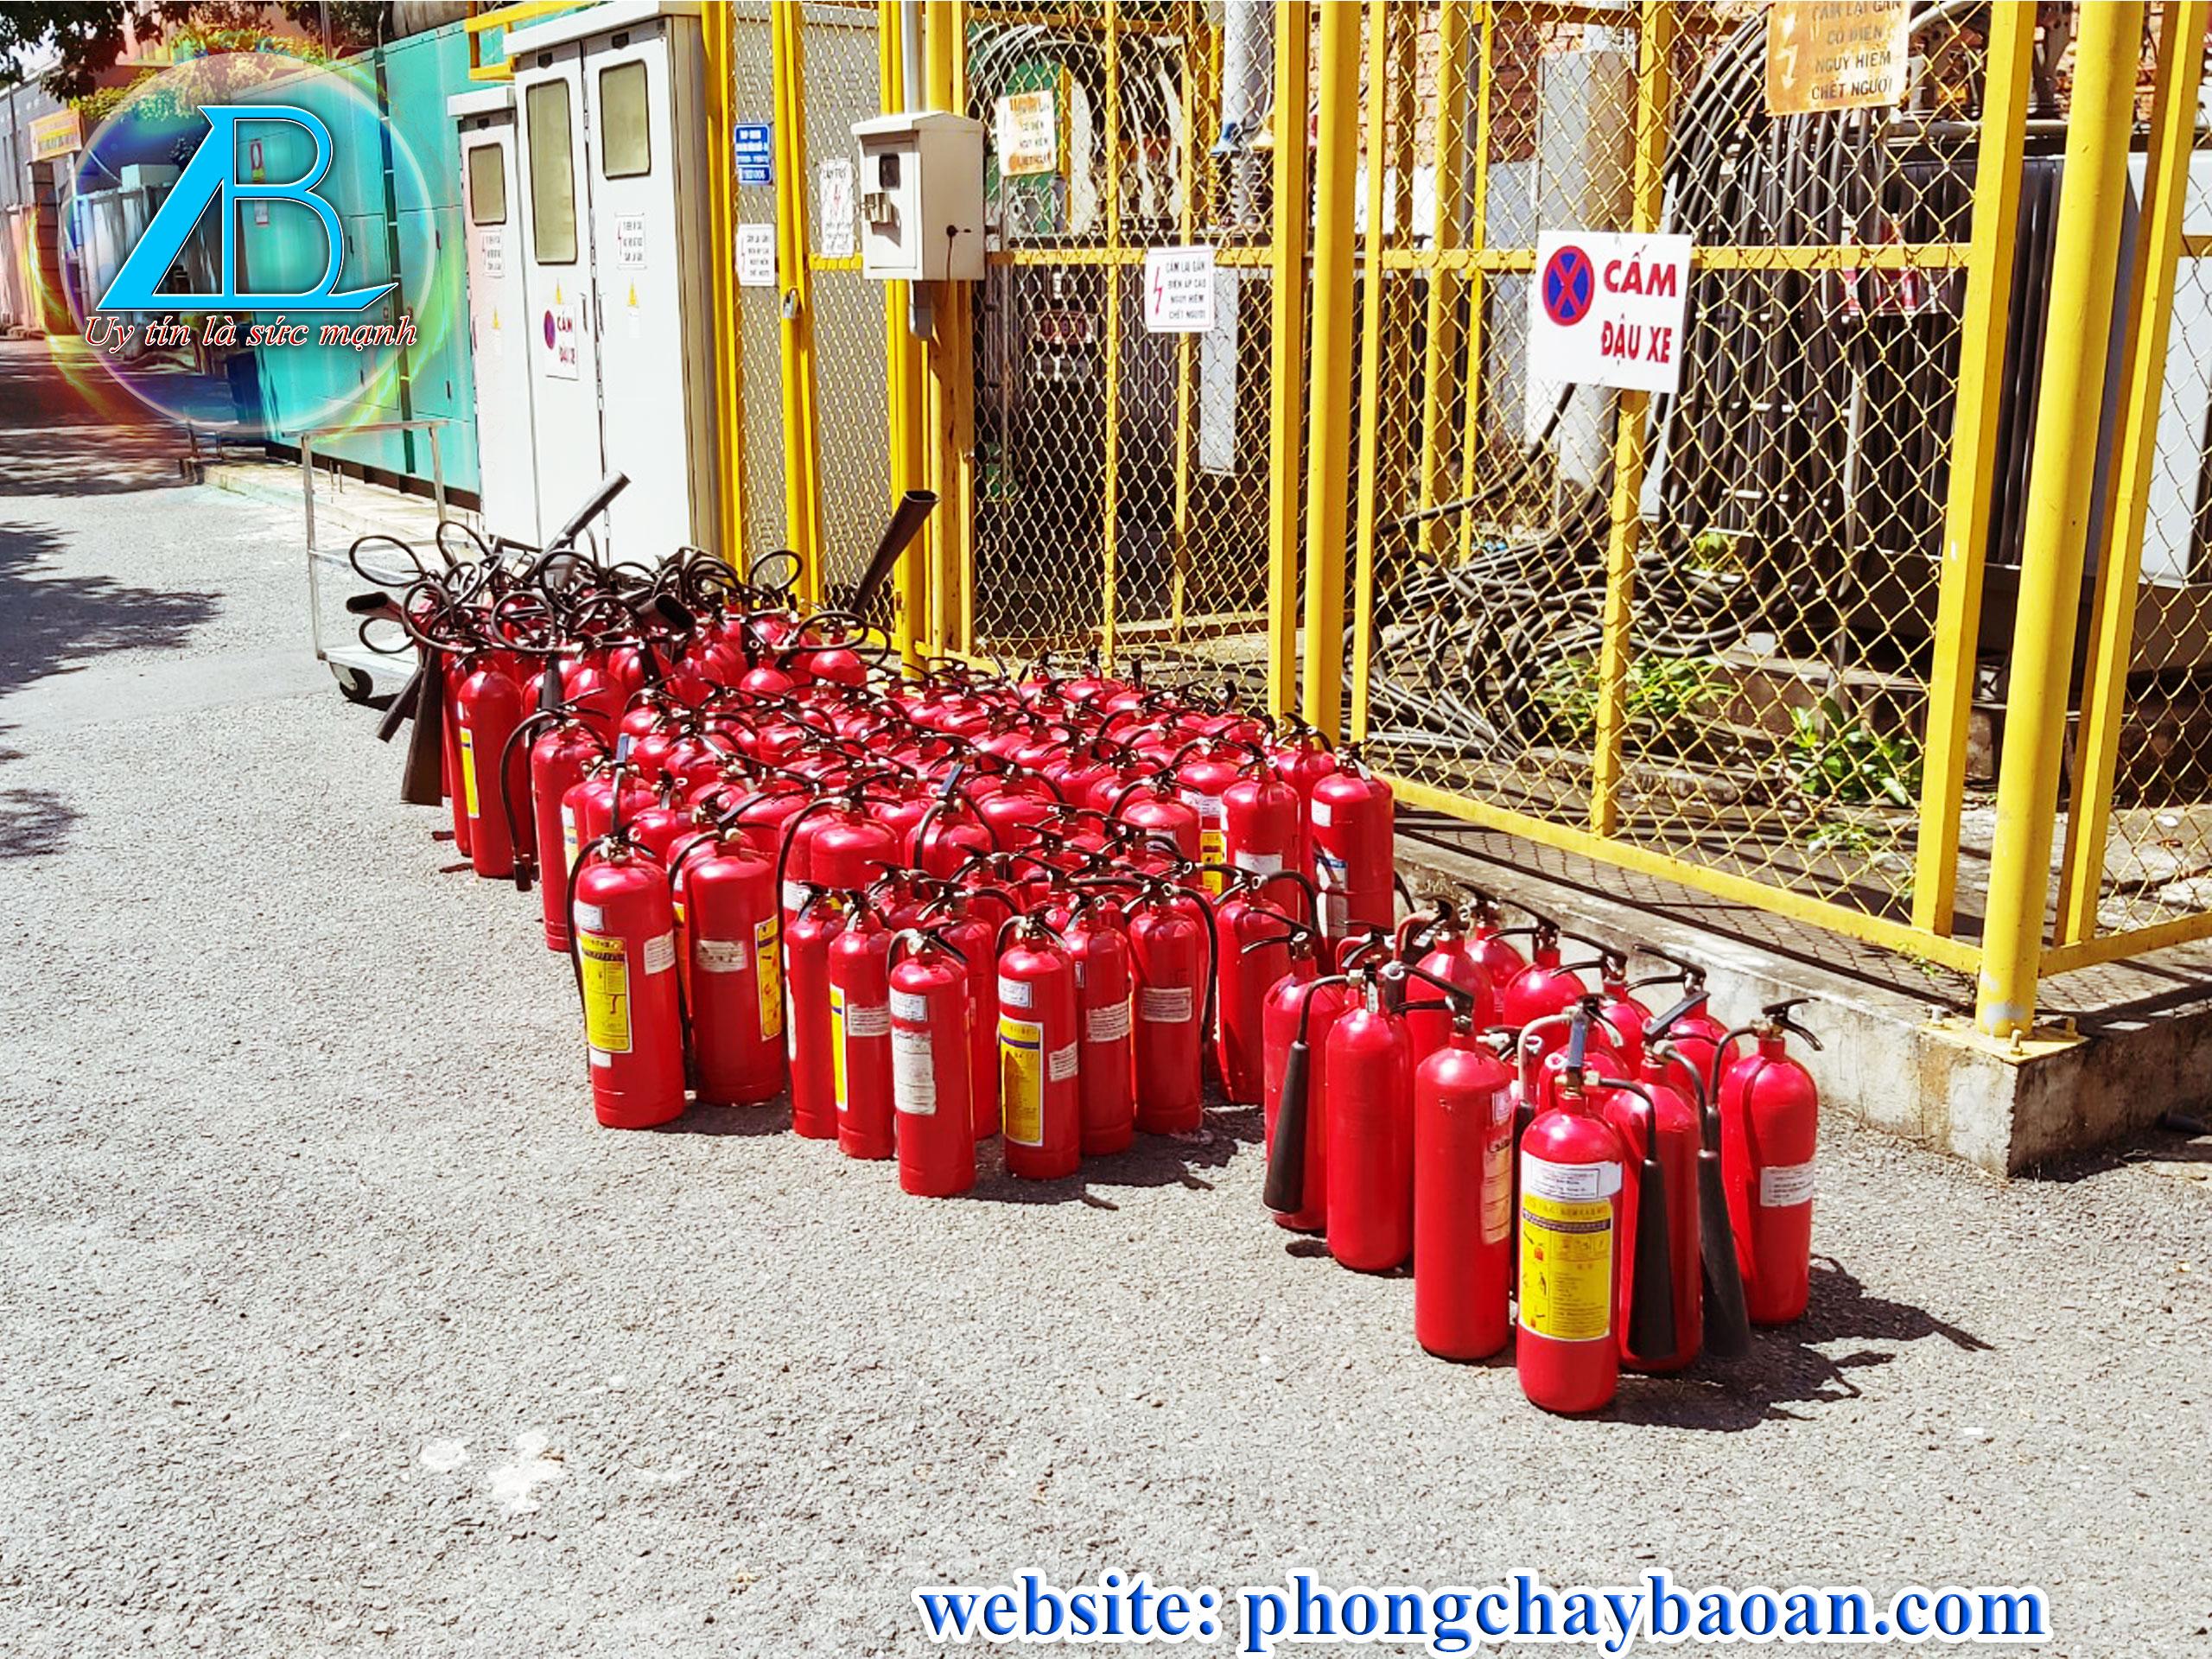 Điểm bán bình chữa cháy giá rẻ